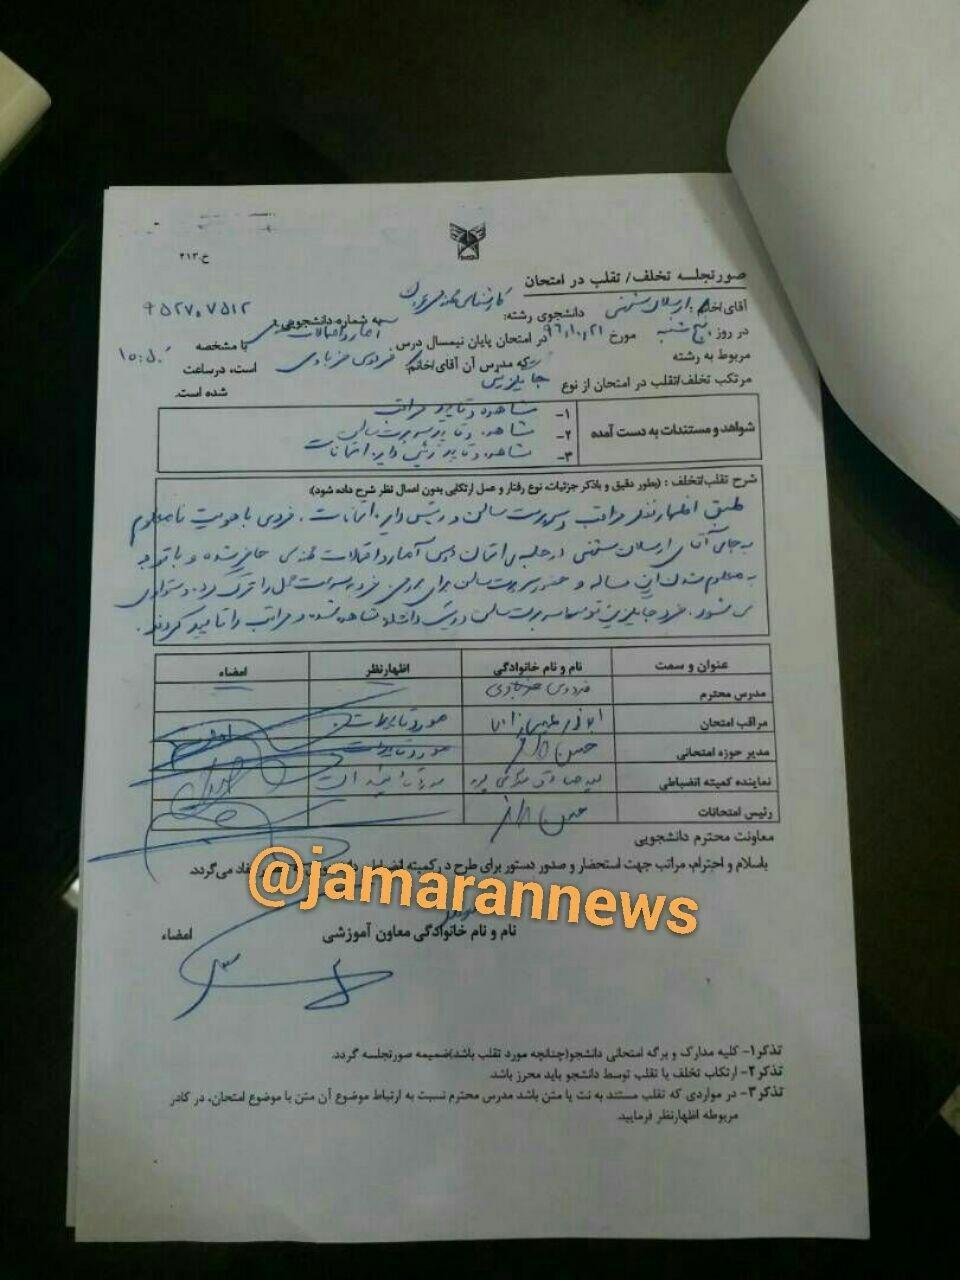 شبکه های اجتماعی فرماندار دزفول را مجبور به استعفا کردند